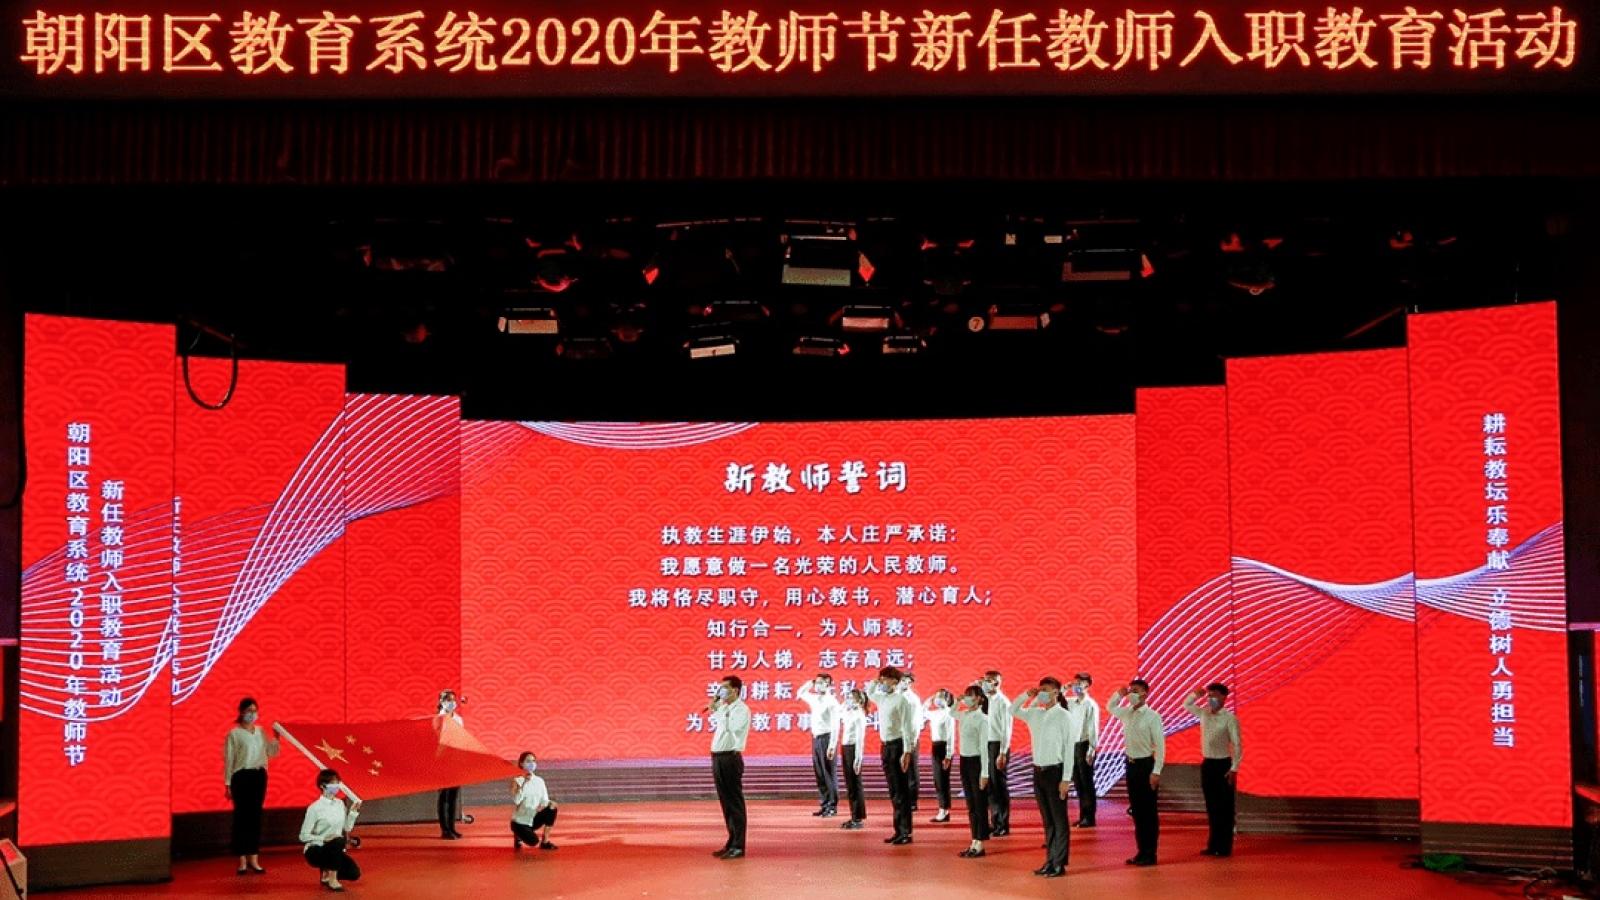 Trung Quốc nỗ lực hướng tới ngày Nhà giáo không tặng quà